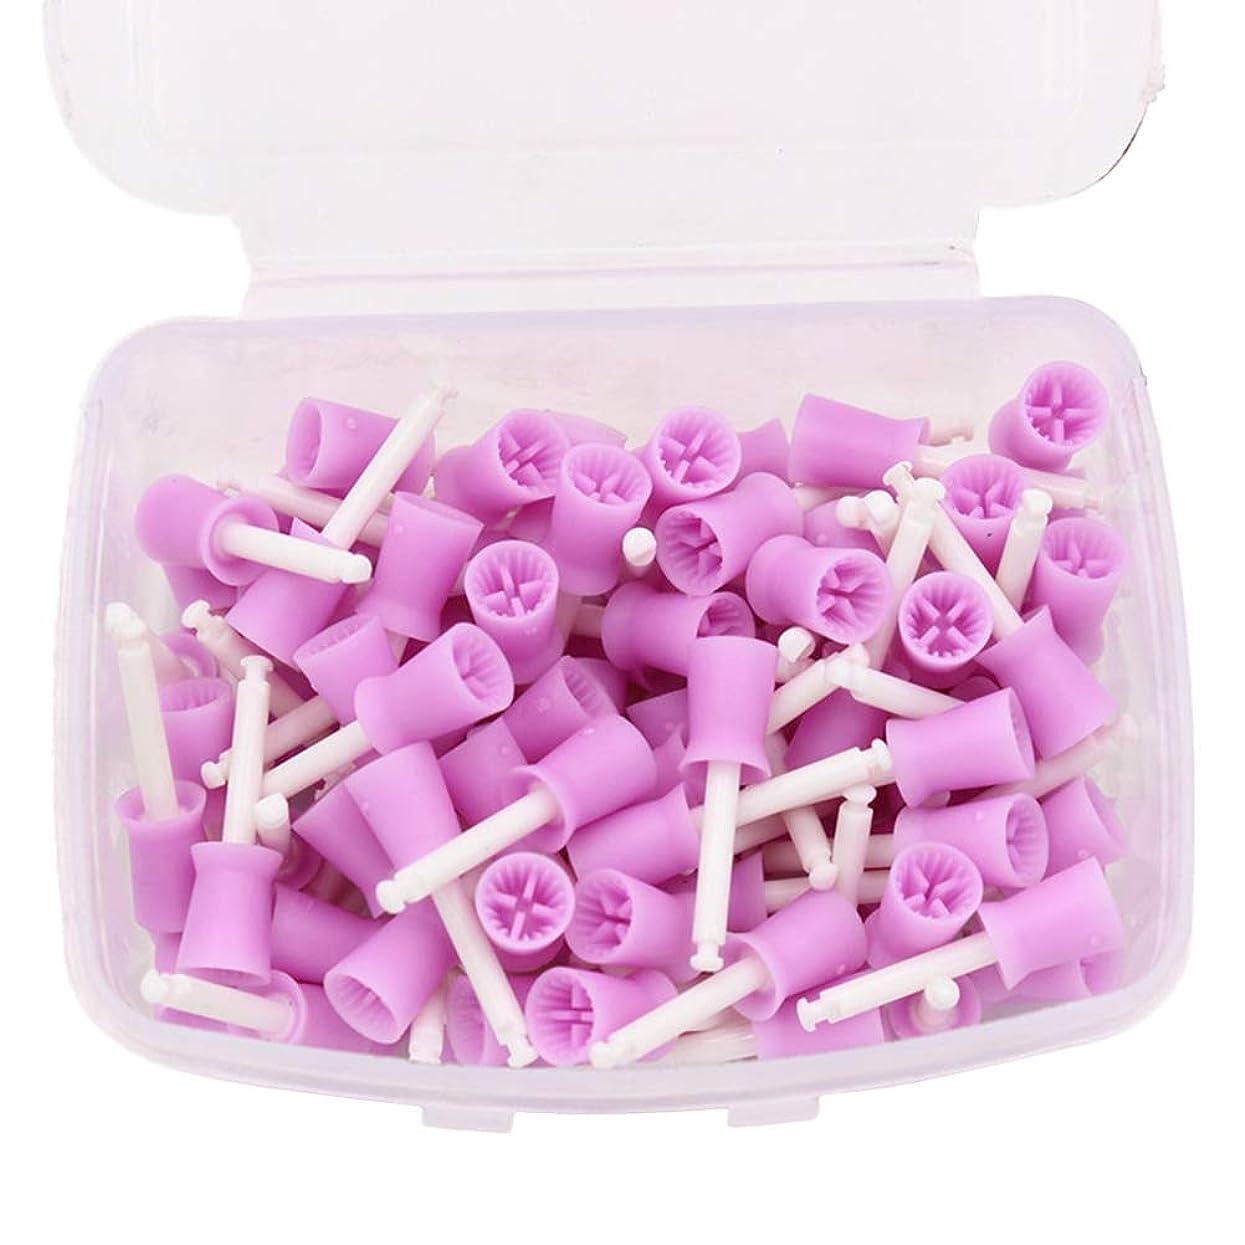 プロトタイプ複製する性別Healifty ポリッシュ研磨カップブラシ100本歯科用研磨ゴムカップ使い捨て低速歯ポリッシャーカップオーラルケアツール(紫)